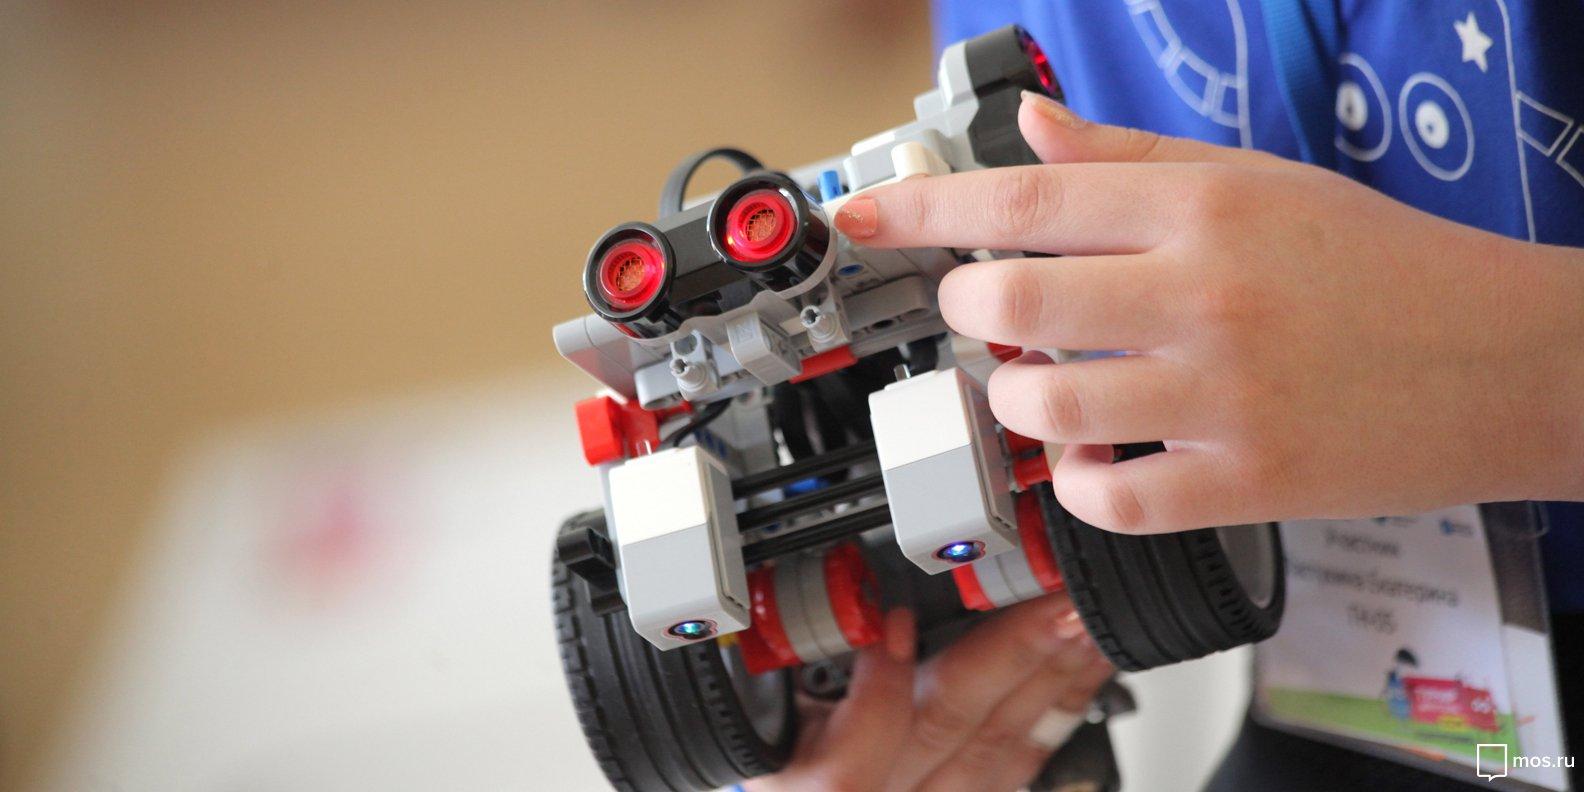 Команда из «Перспективы» победила в Чемпионате по робототехнике. Фото:  mos.ru